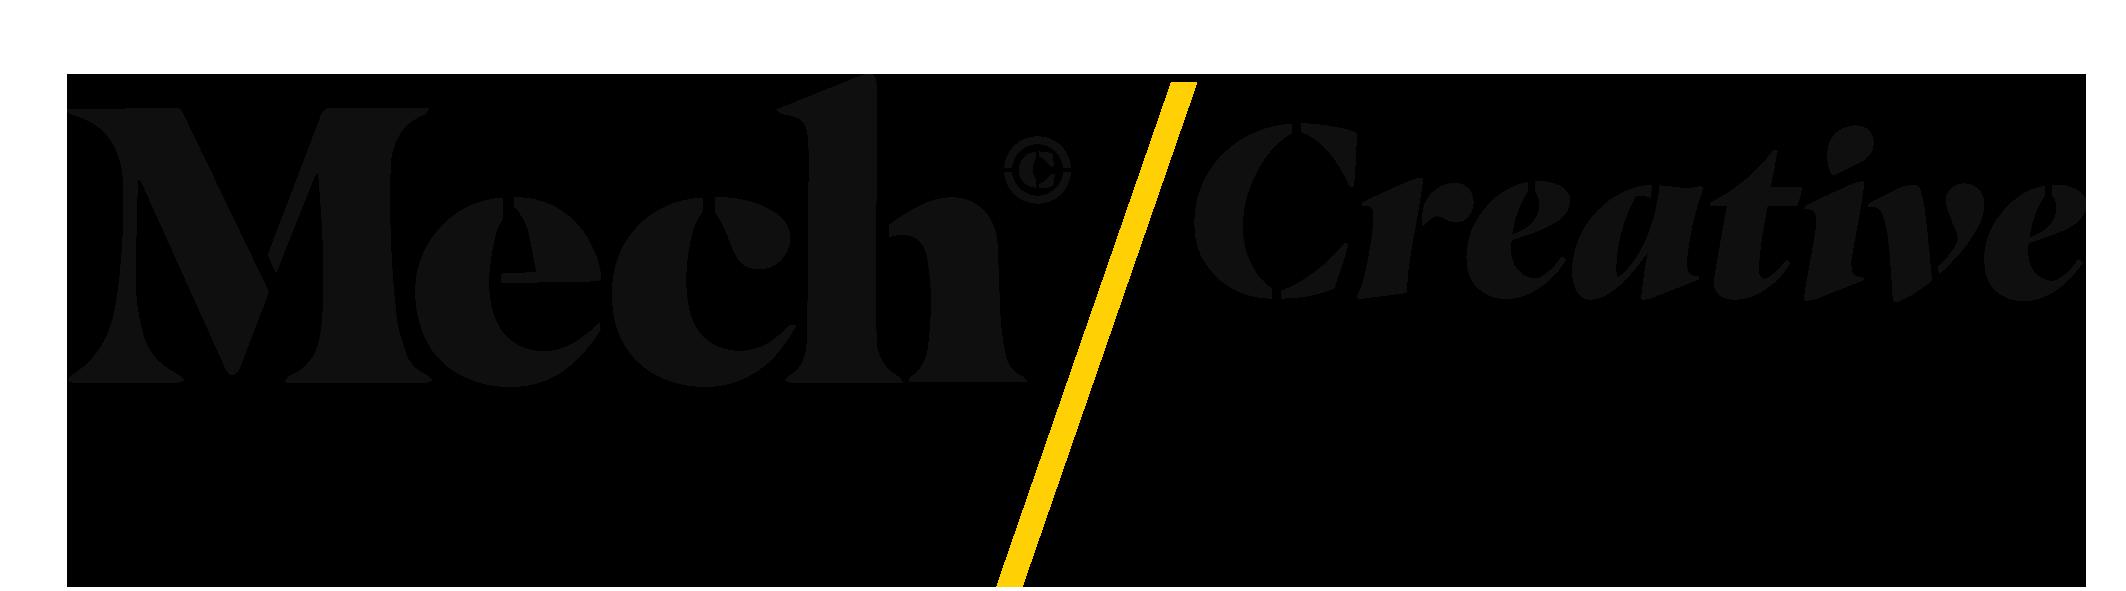 Mech_Creative (2).png